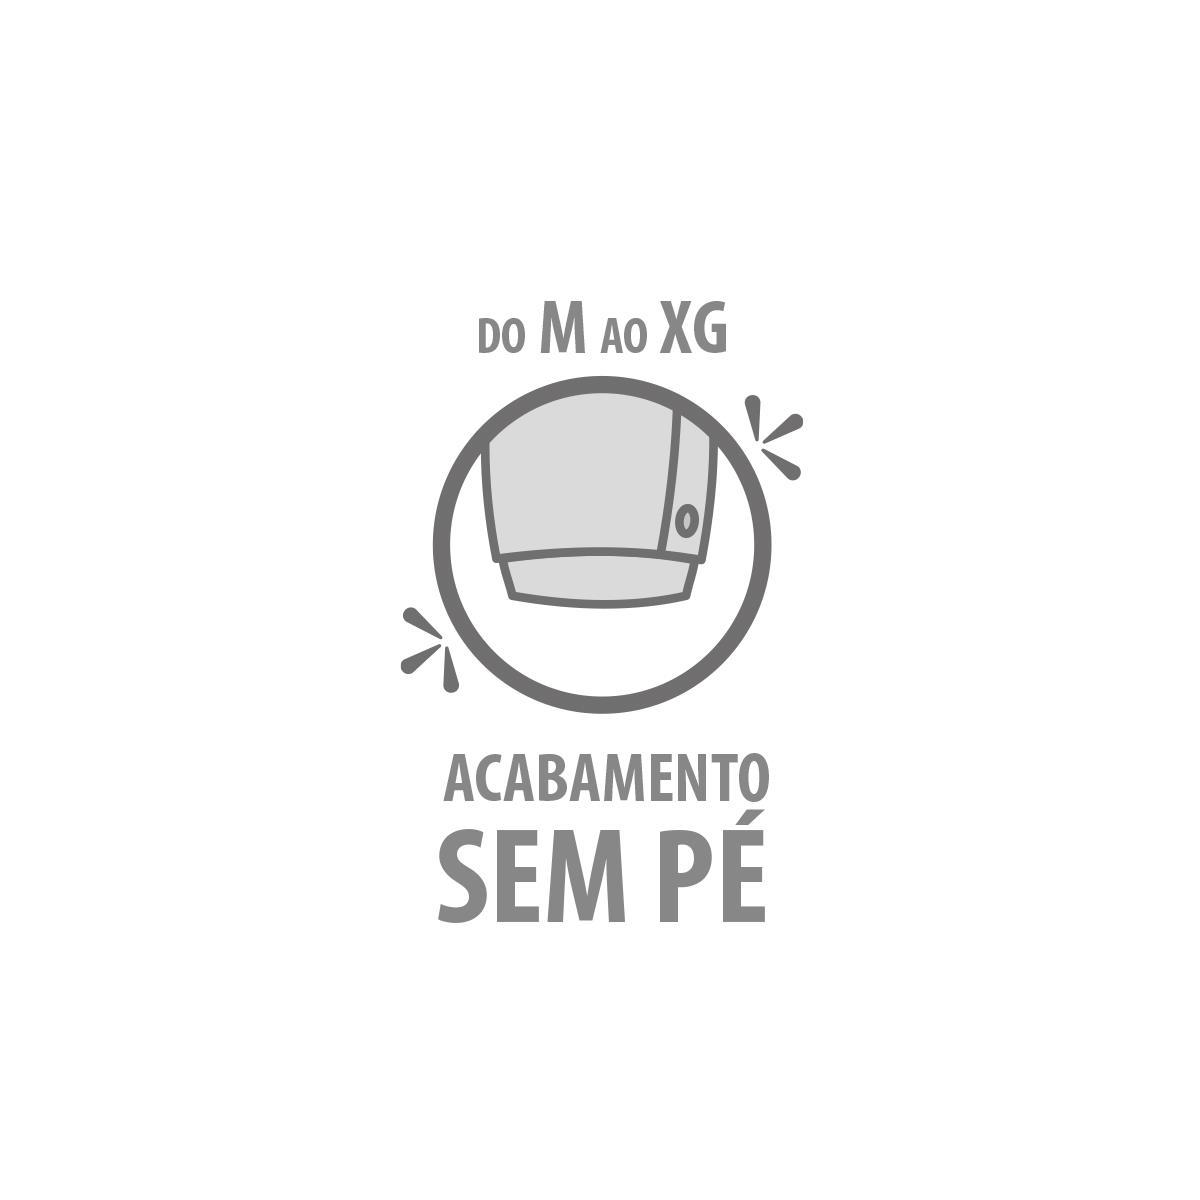 Macacão Bebê Zíper Trenzinho - Tamanhos RN e P com pezinho; M, G e XG sem pezinho  - Piu Blu